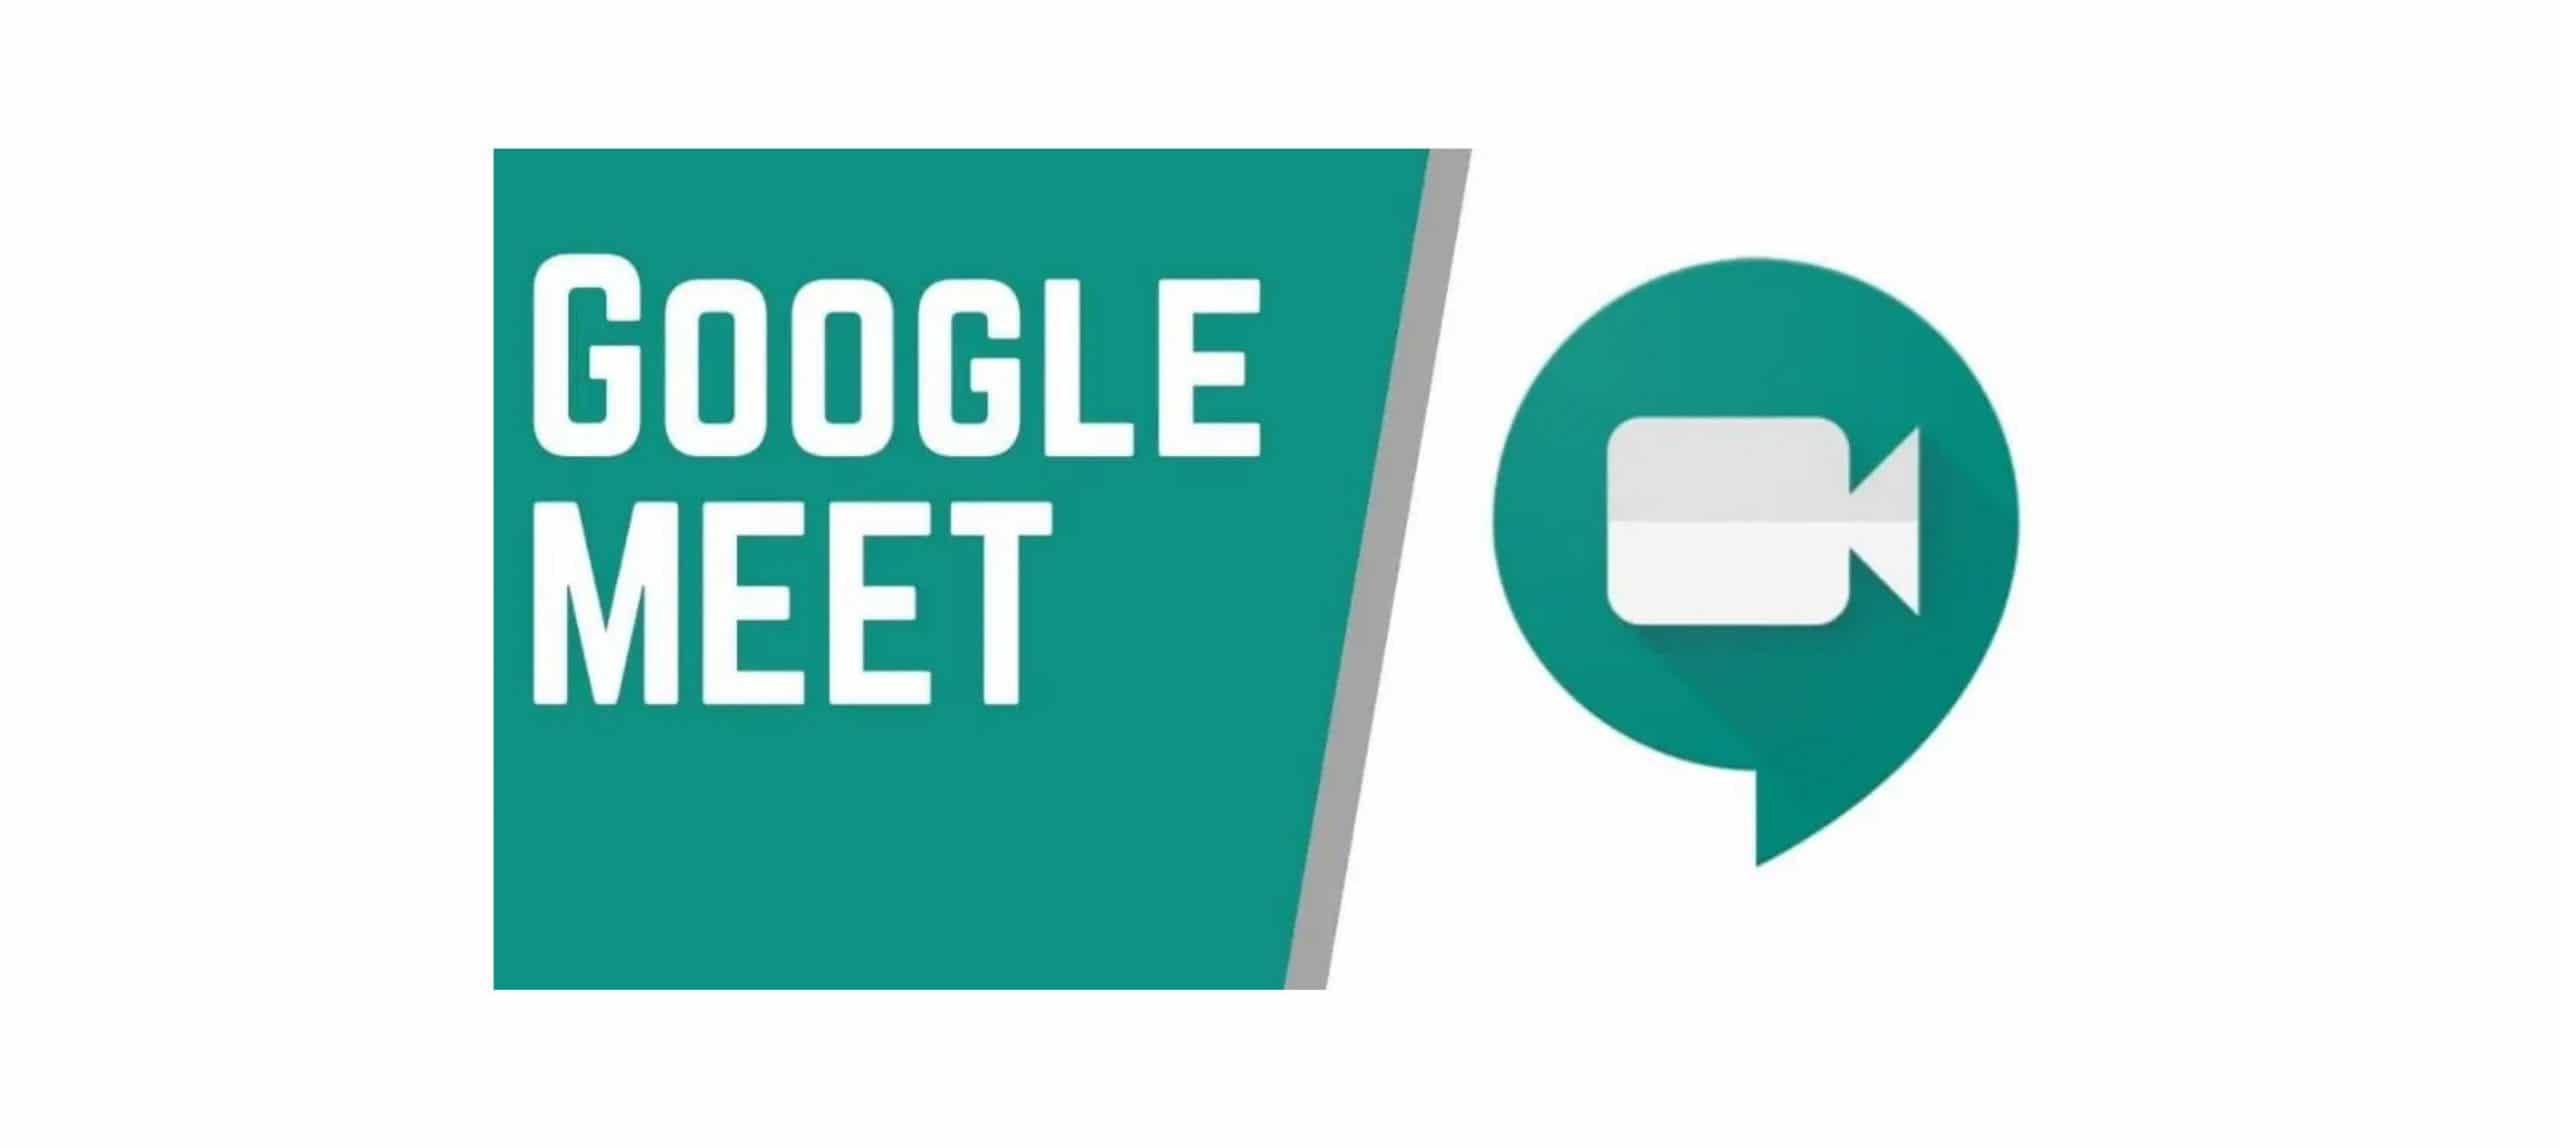 Le service Visio Google Meet gratuit jusqu'à 100 participants et sans limite de temps jusqu'a fin septembre